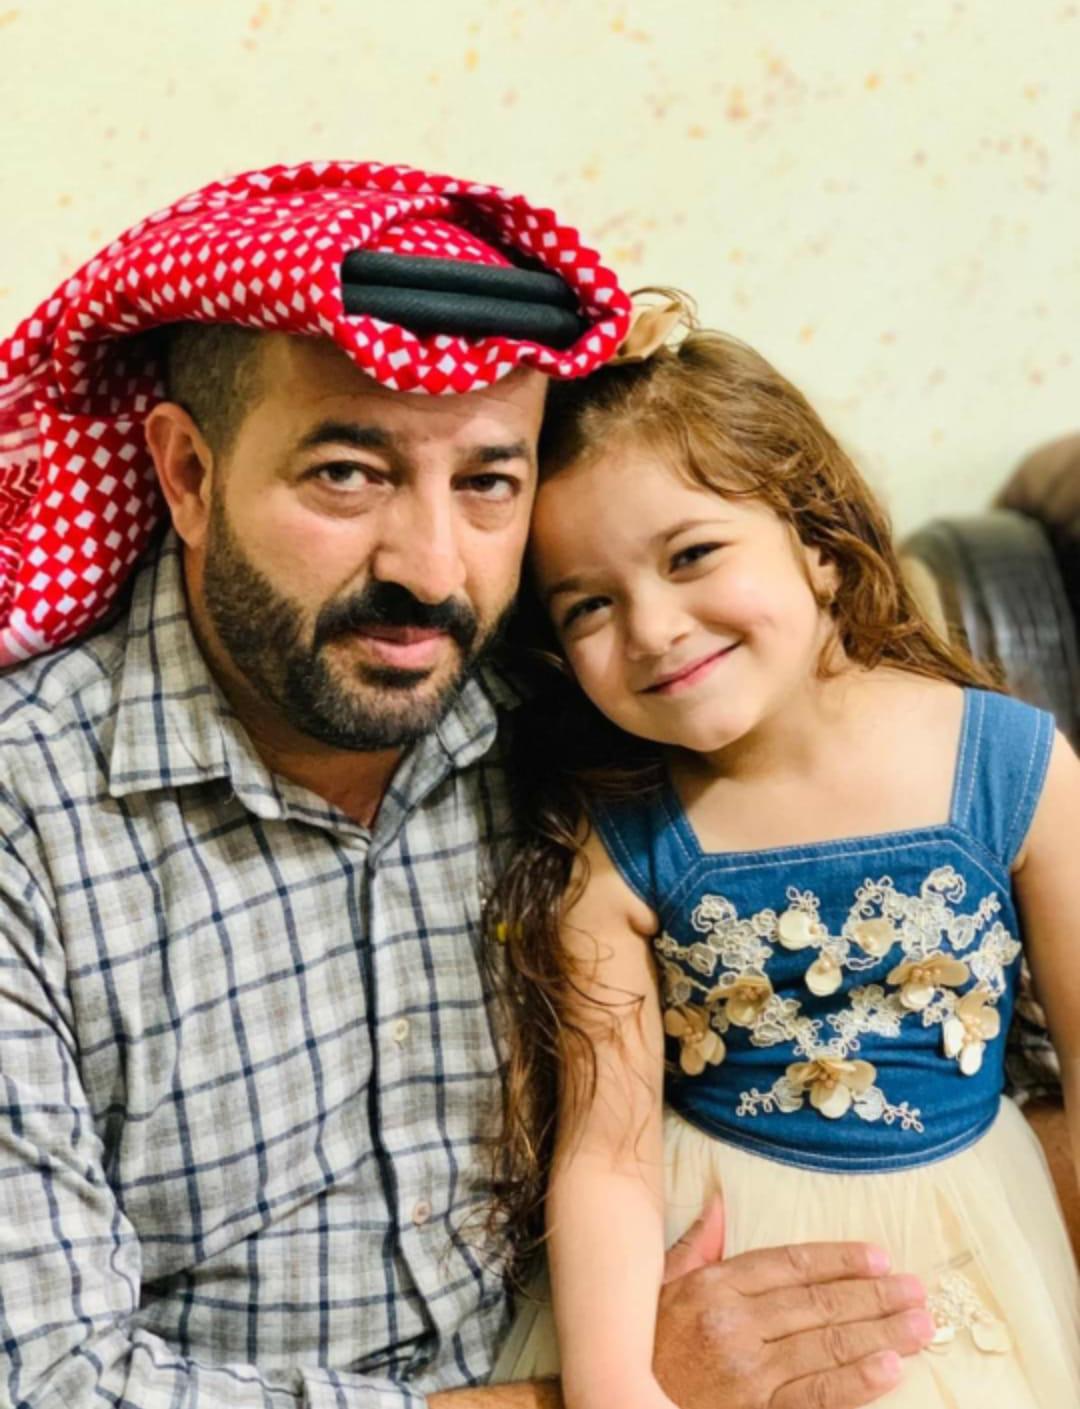 Geler la détention administrative considérée d'un contournement de la grève du prisonnier Al-Akharas